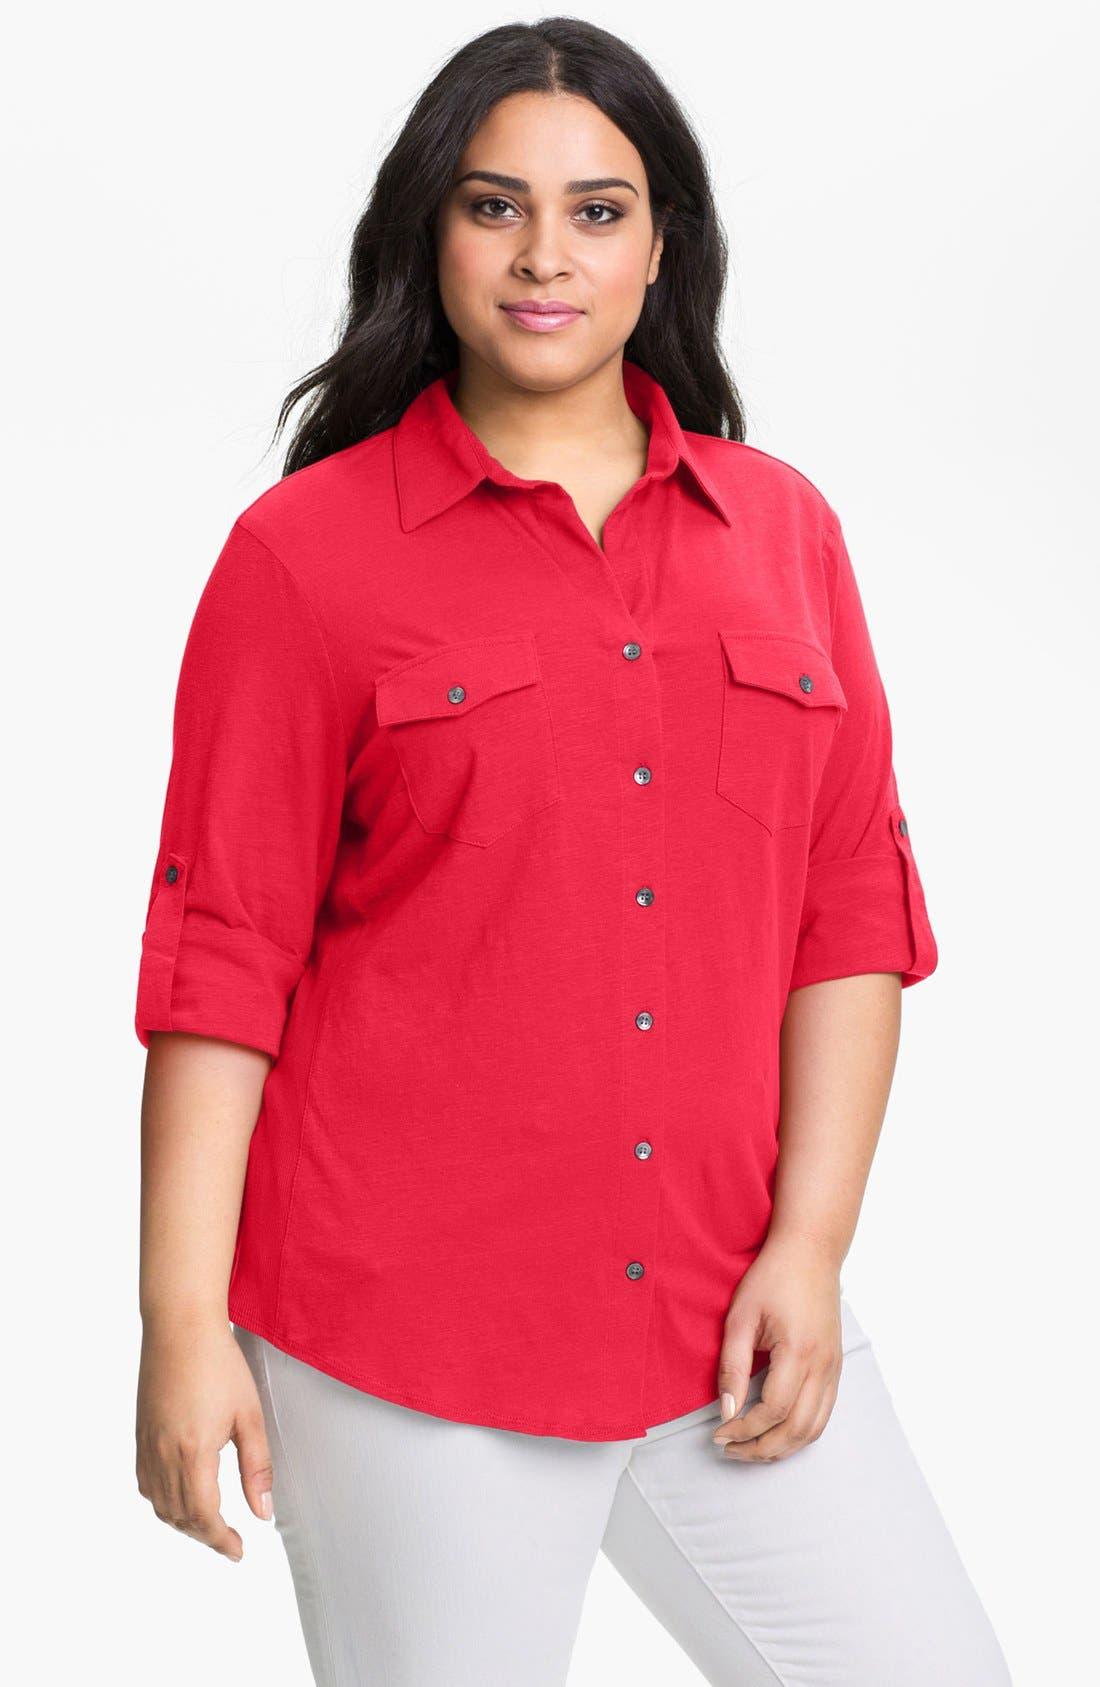 Main Image - Sandra Ingrish Roll Sleeve Knit Shirt (Plus Size)